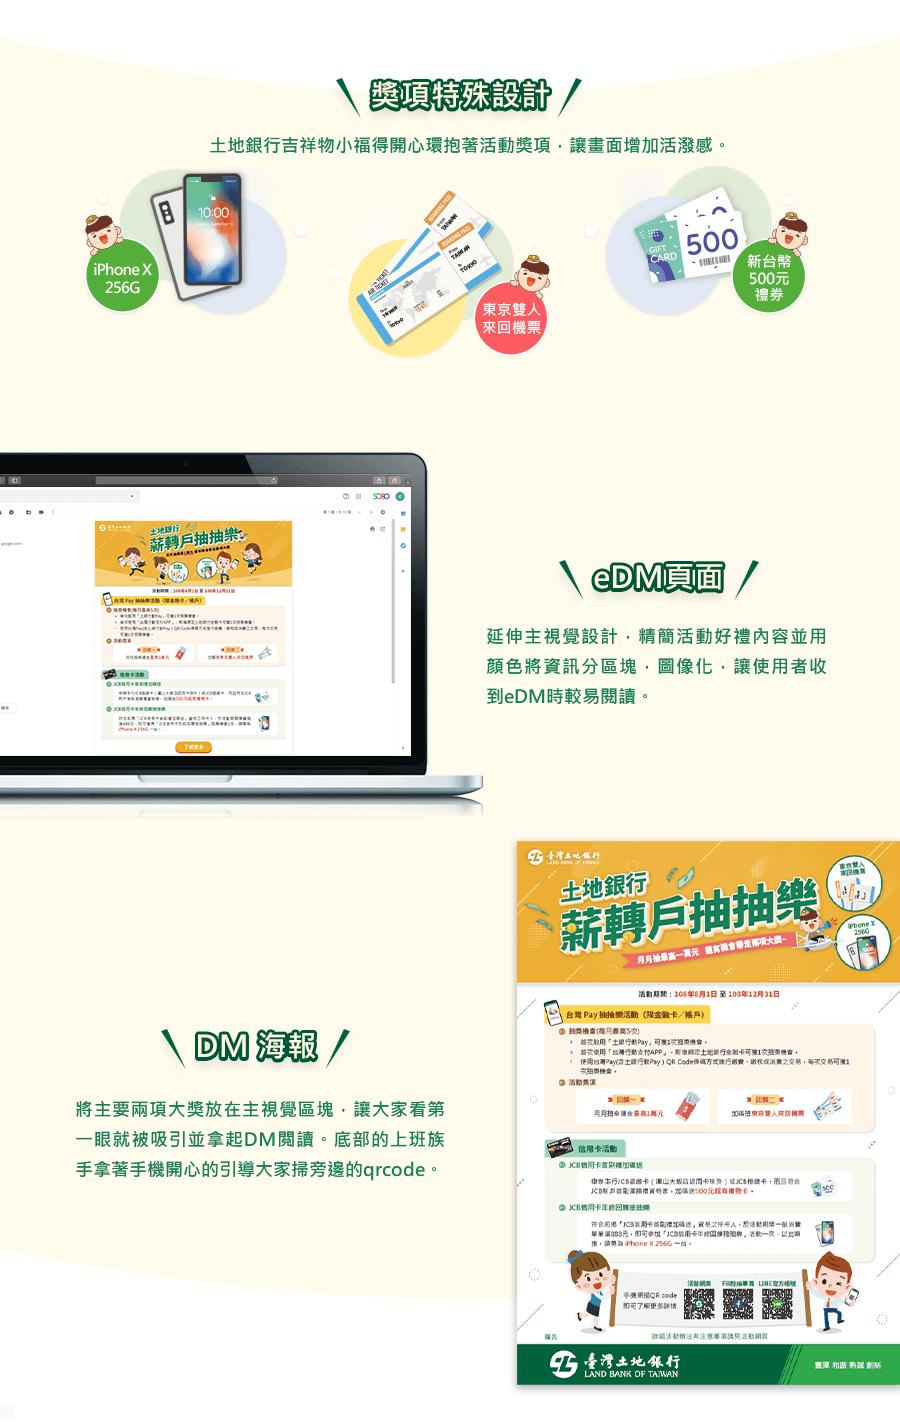 土地銀行 台灣PAY薪轉戶抽抽樂 活動網站 網頁設計